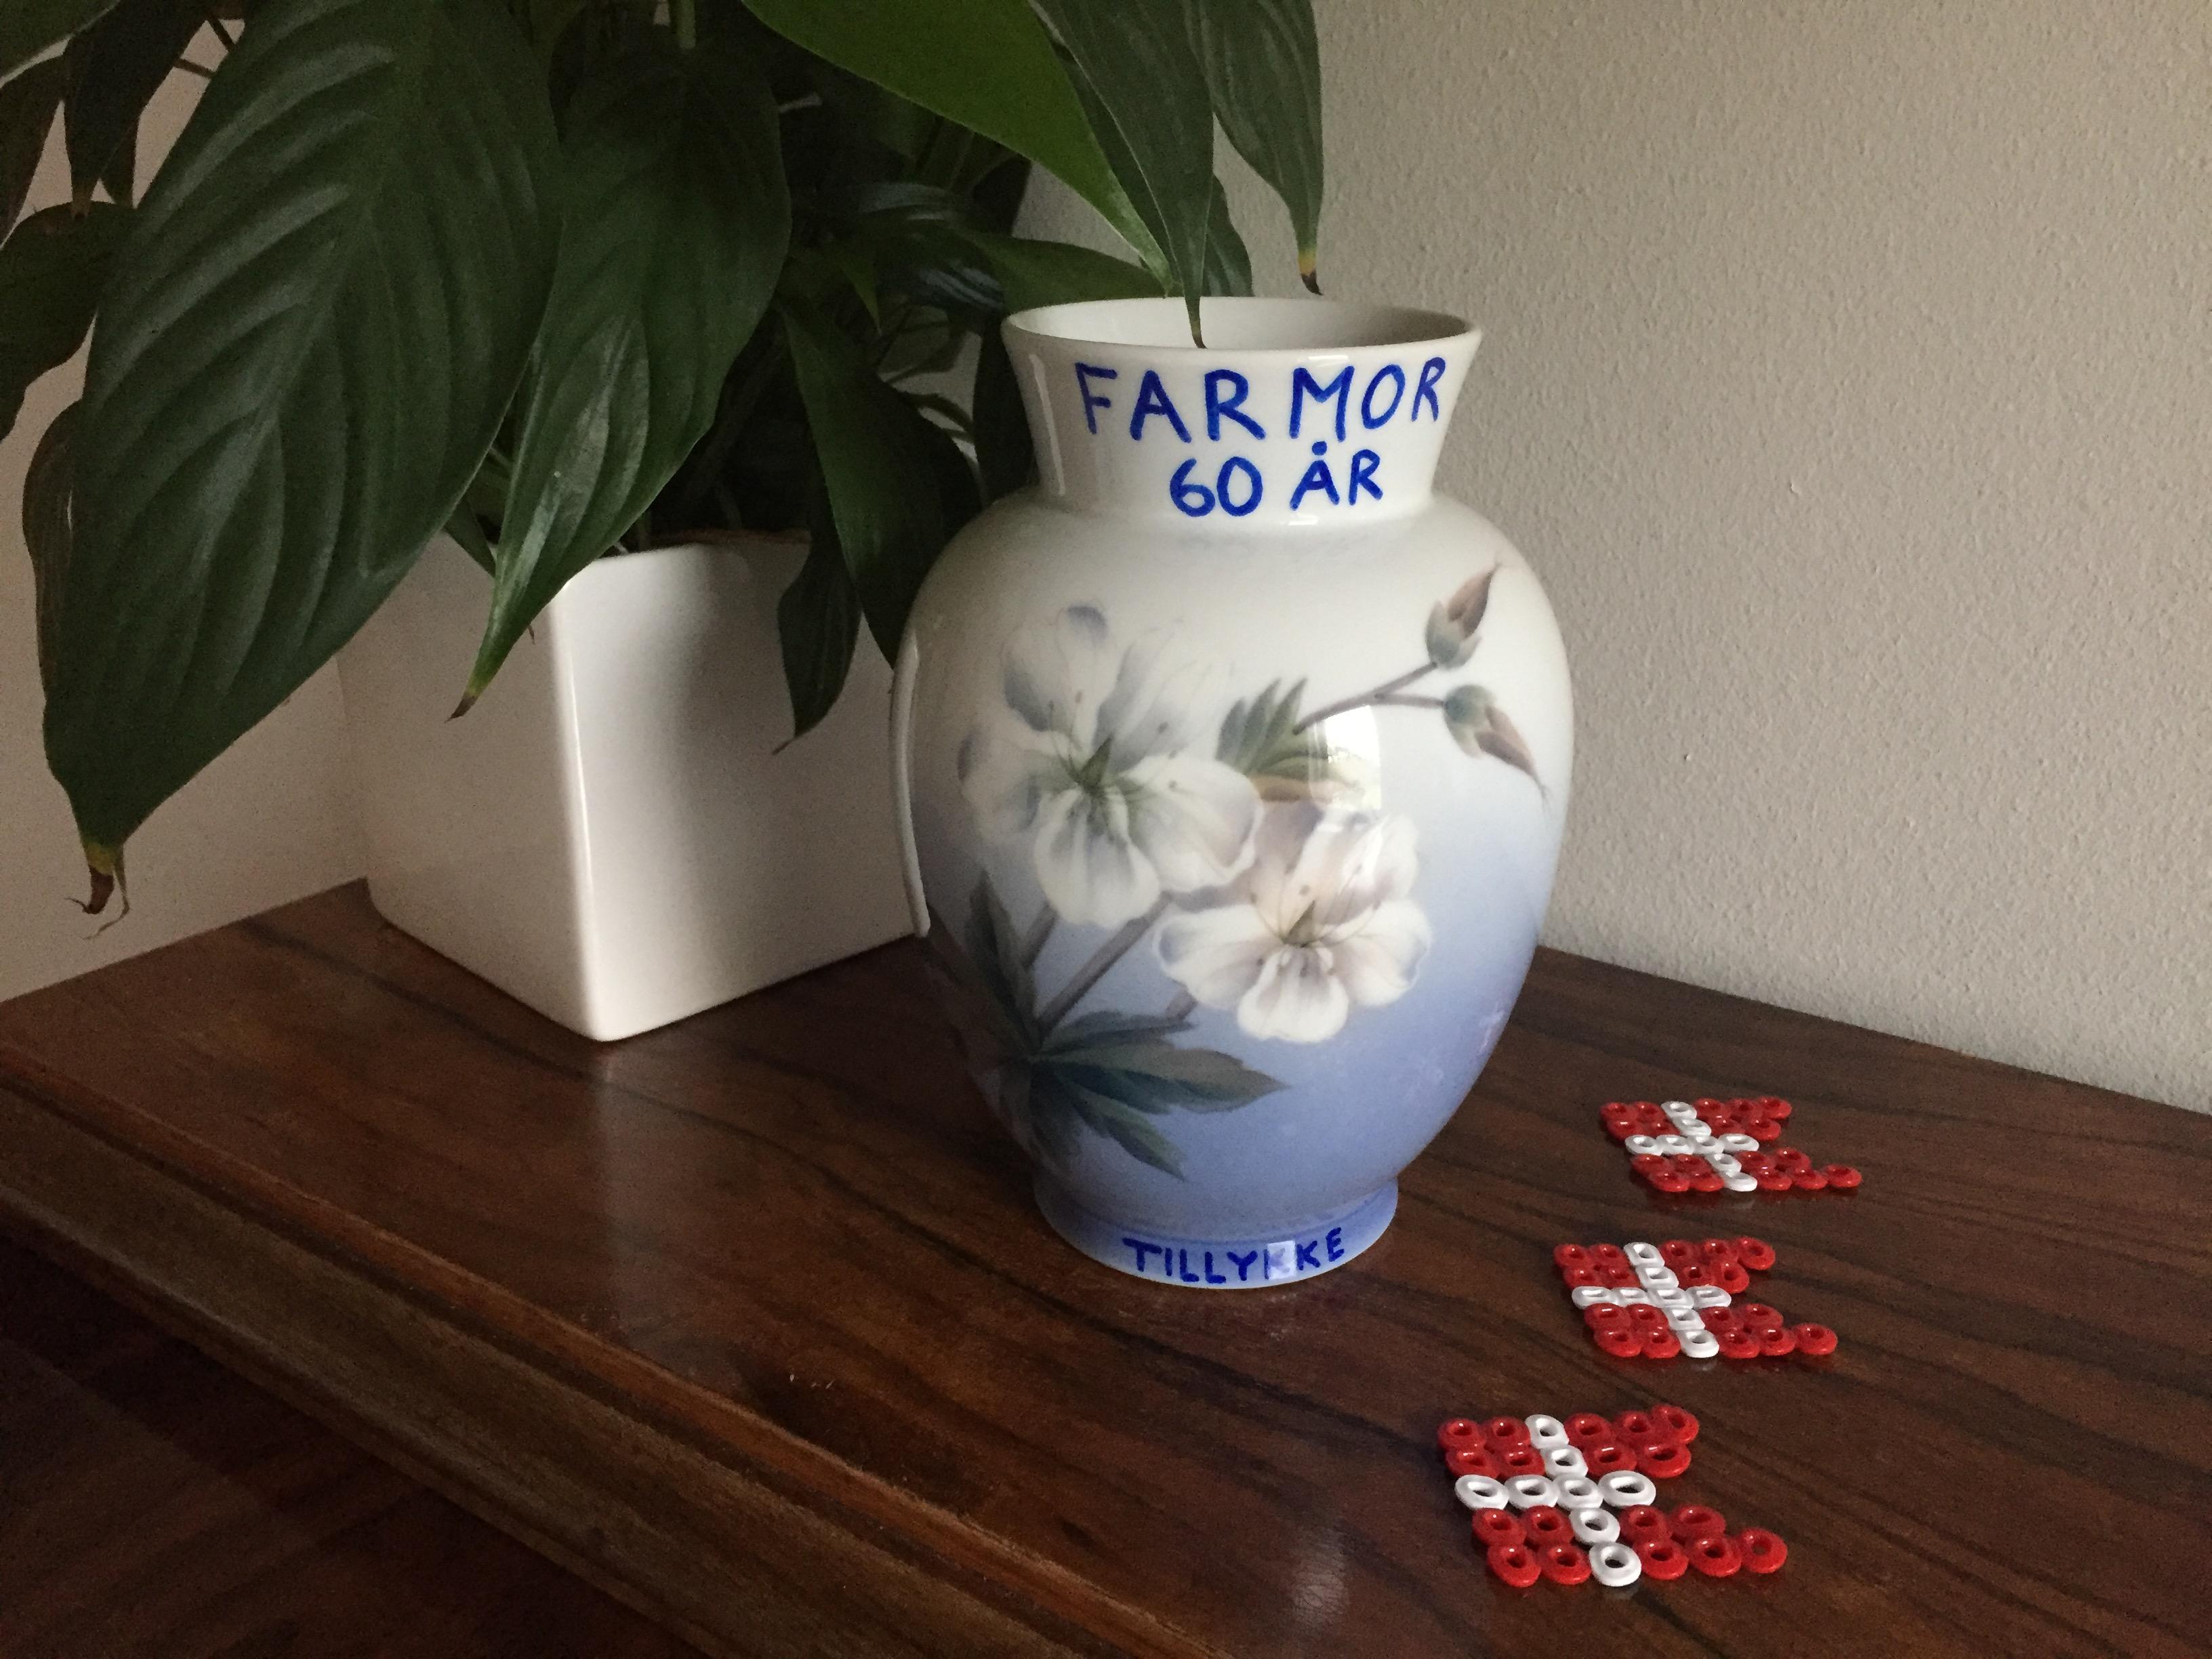 En personlig vase til Farmor